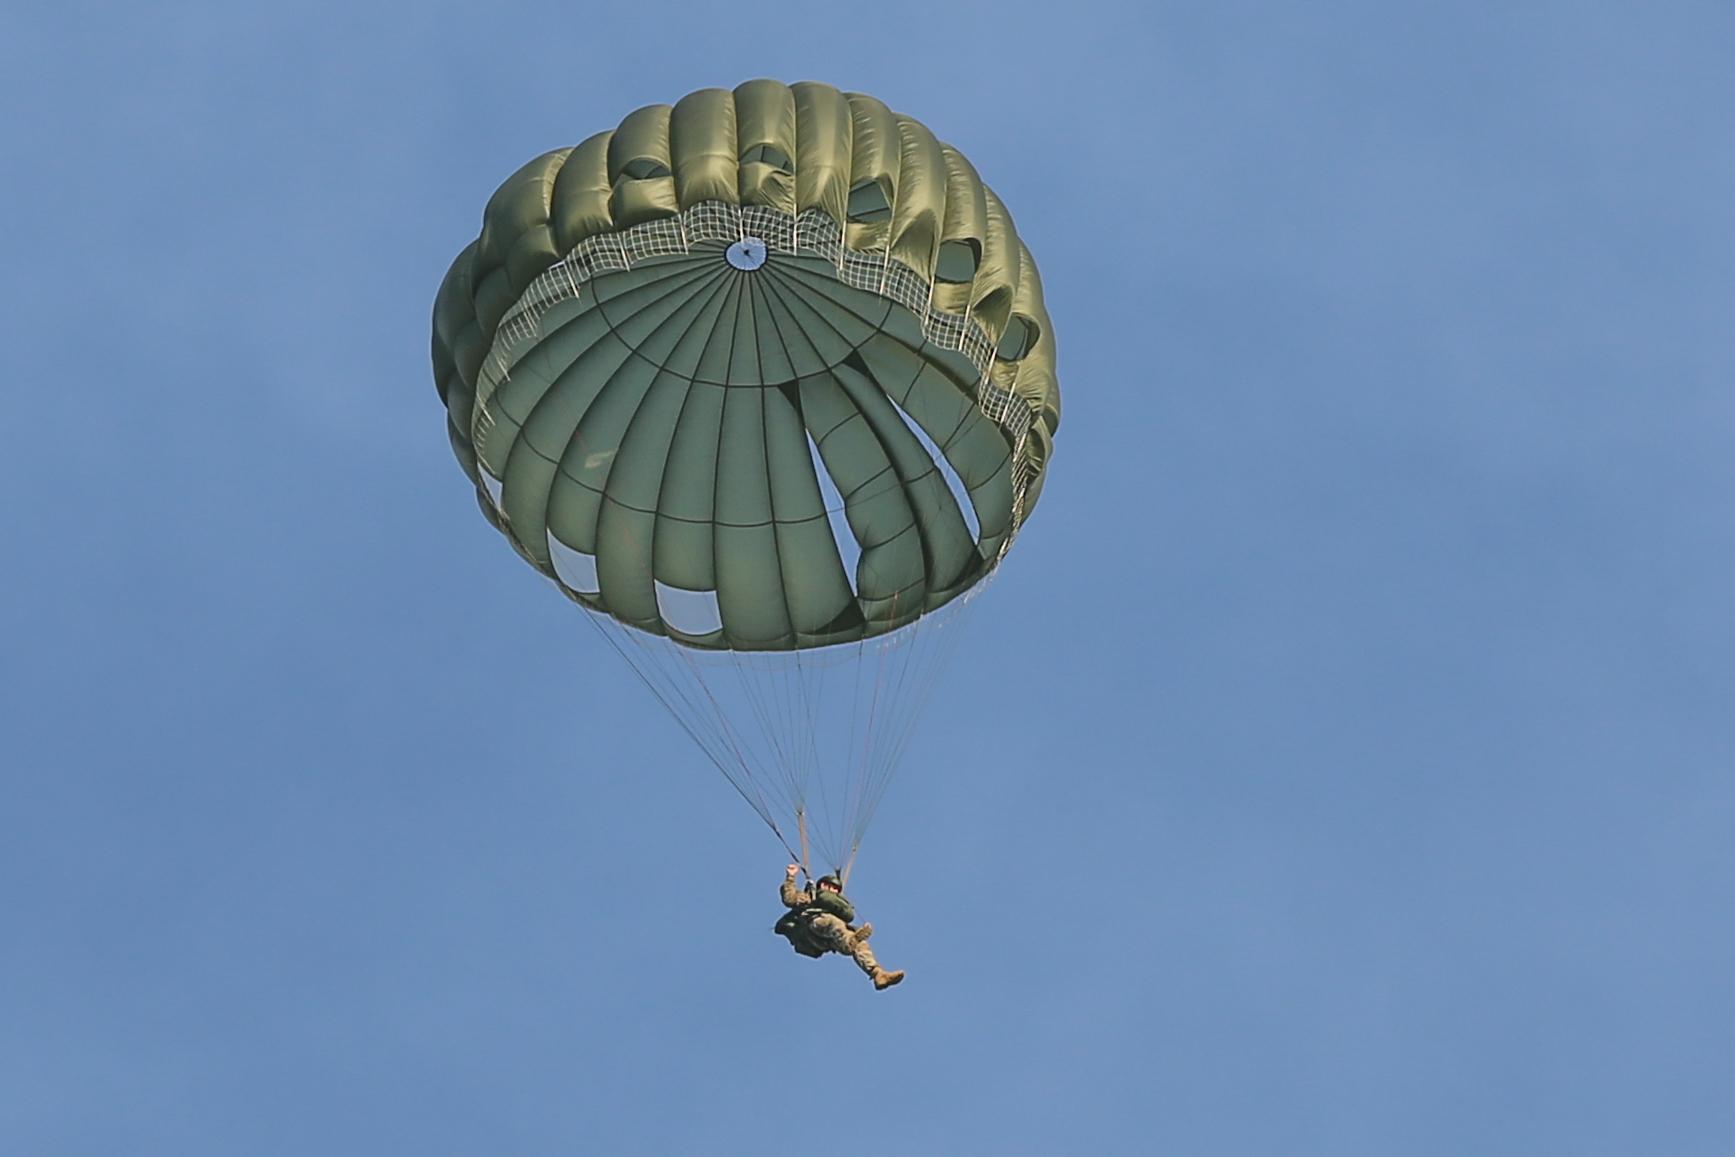 170812 - ParatrooperAugustSet3-1095 (35).jpg